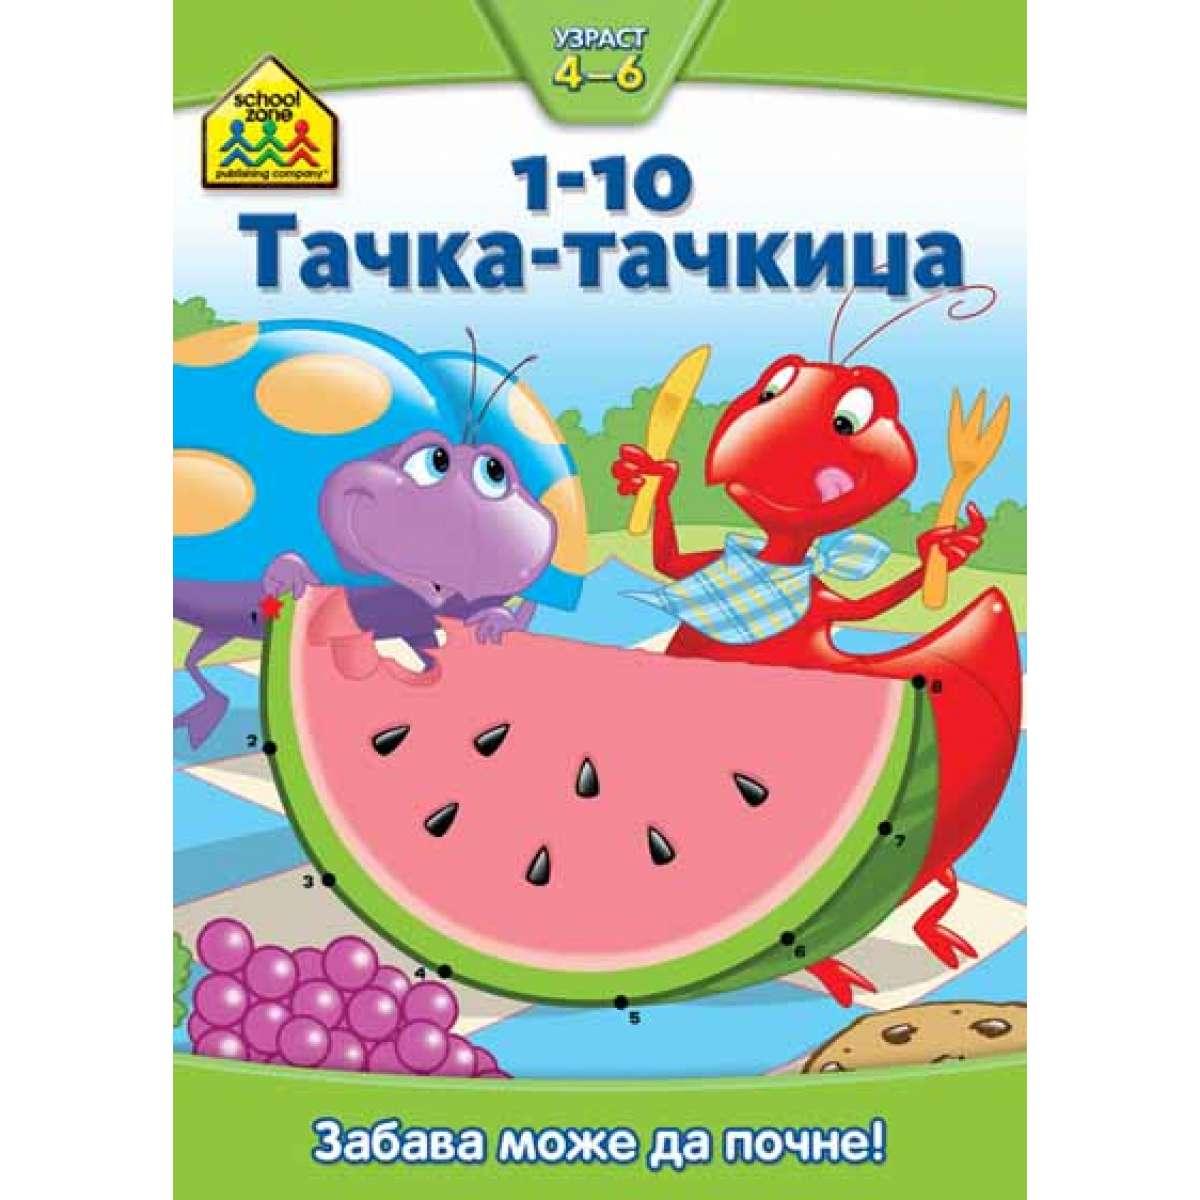 Vulkančićeva škola: 1-10 Tačka-tačkica